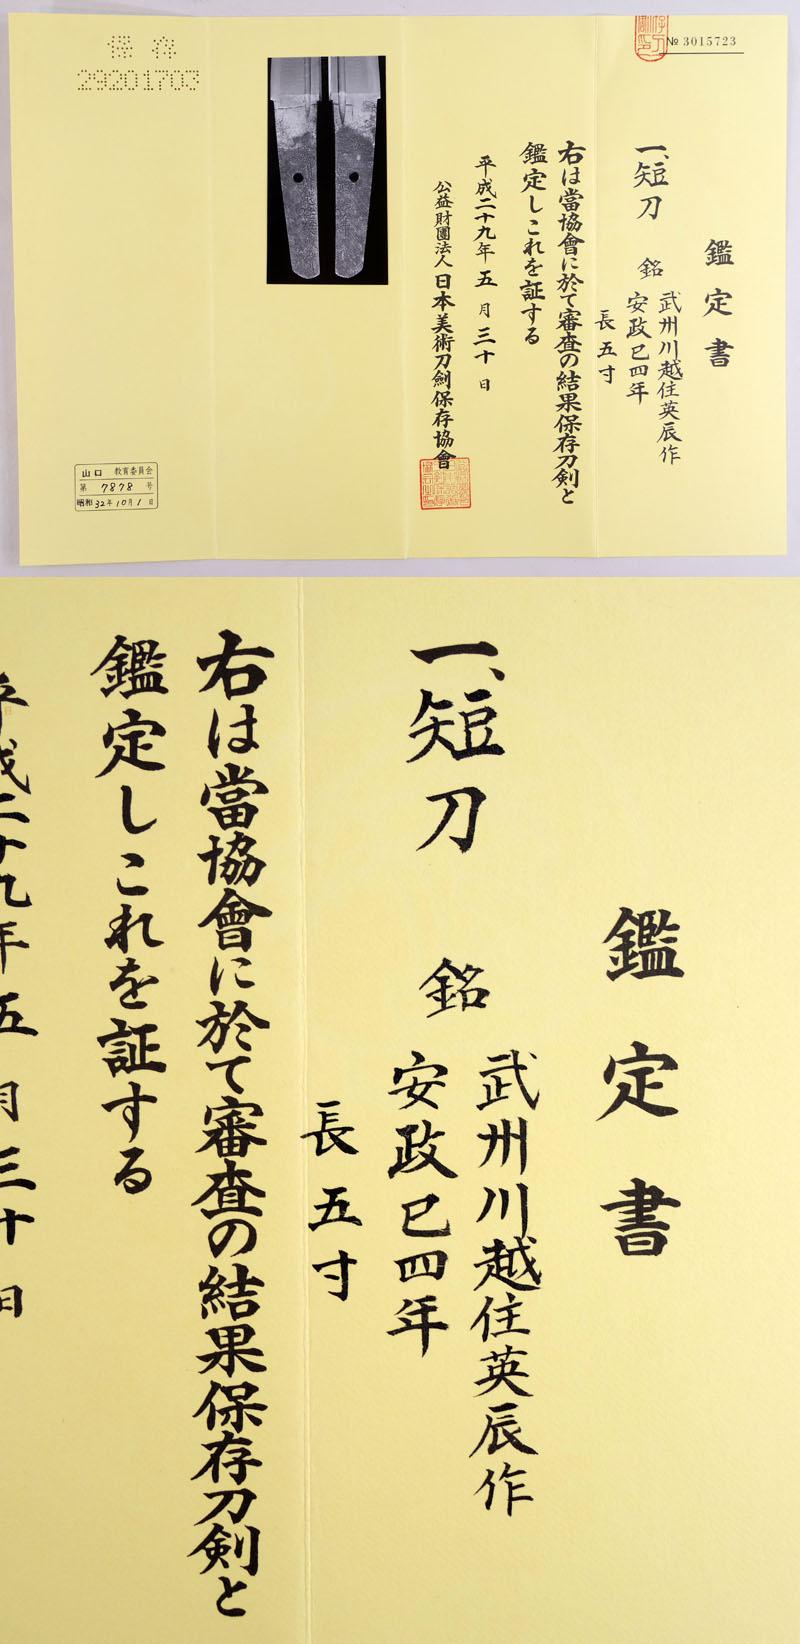 武州川越住英辰作(政木英辰)(川越藩工) Picture of Certificate